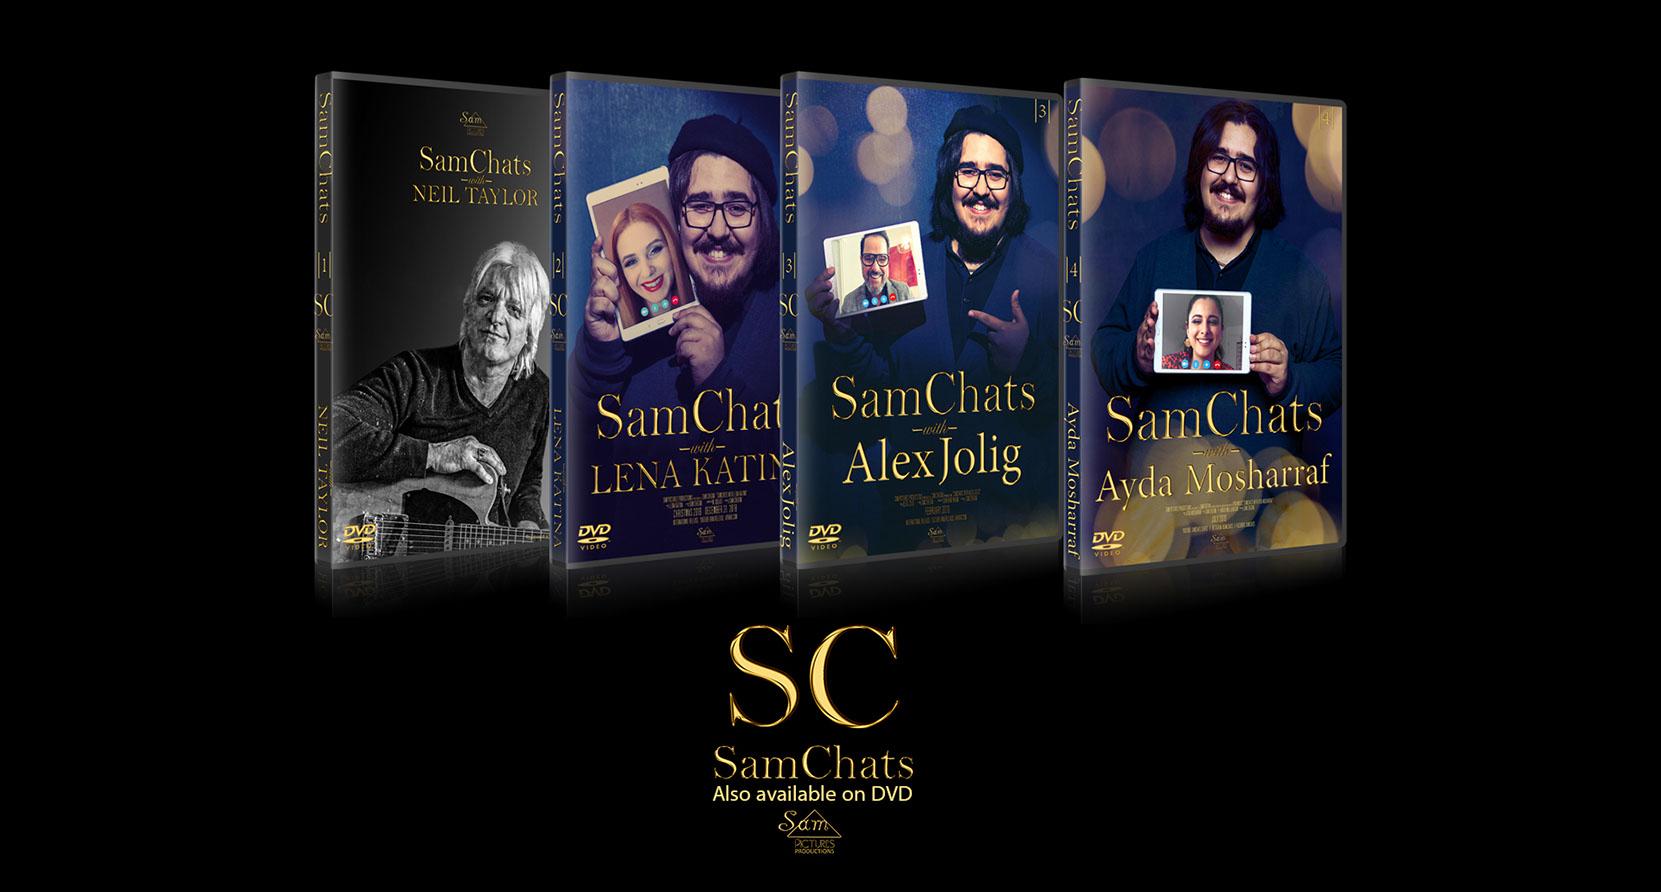 samchats dvd pack